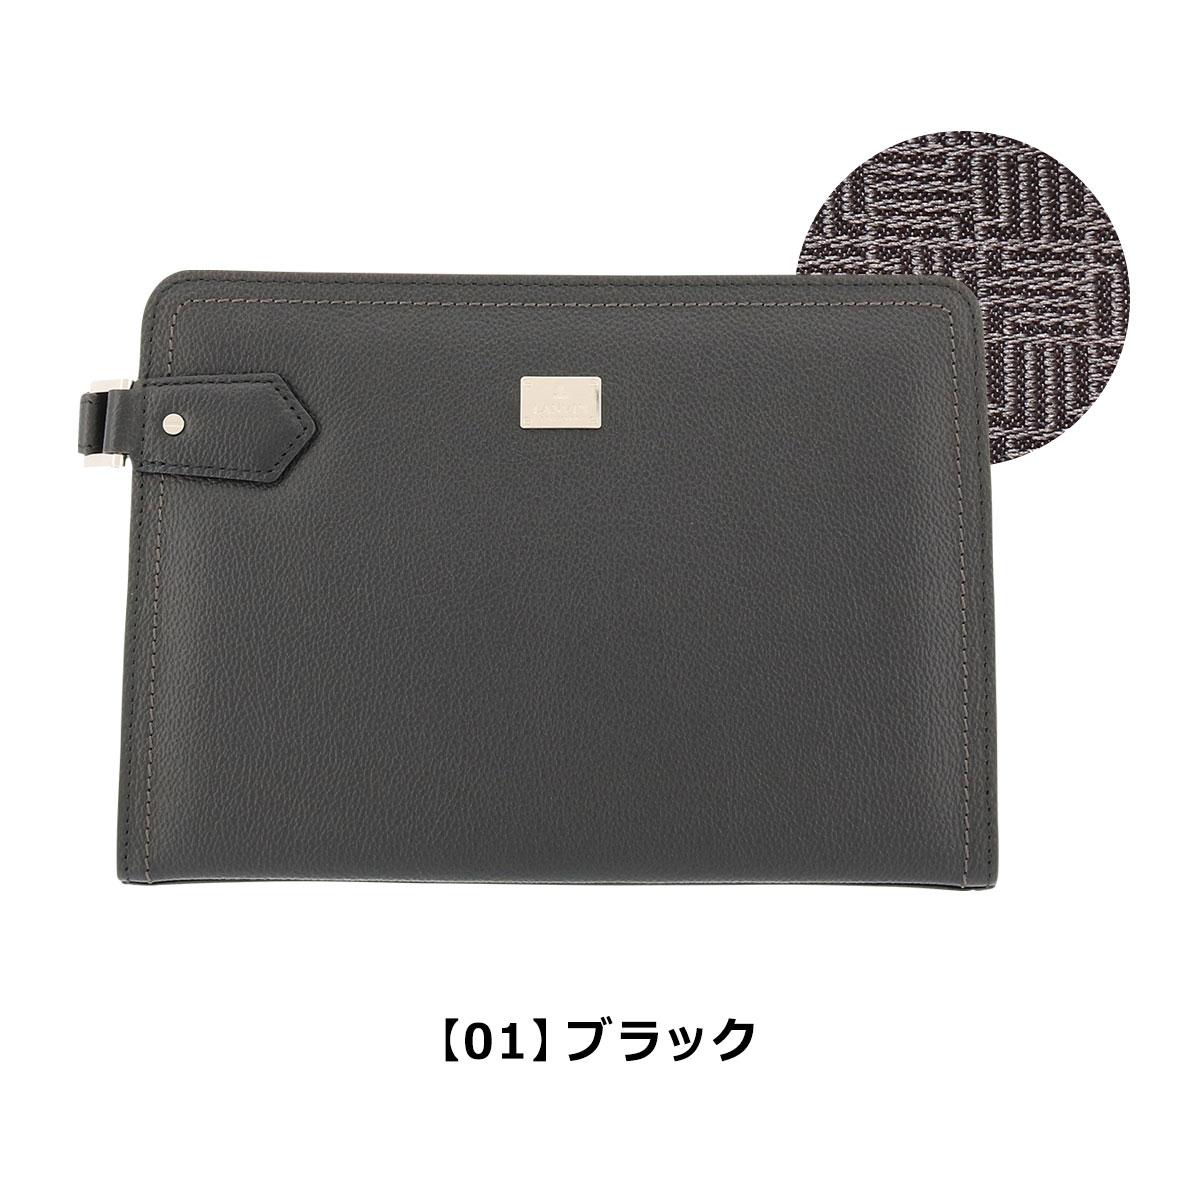 【01】ブラック